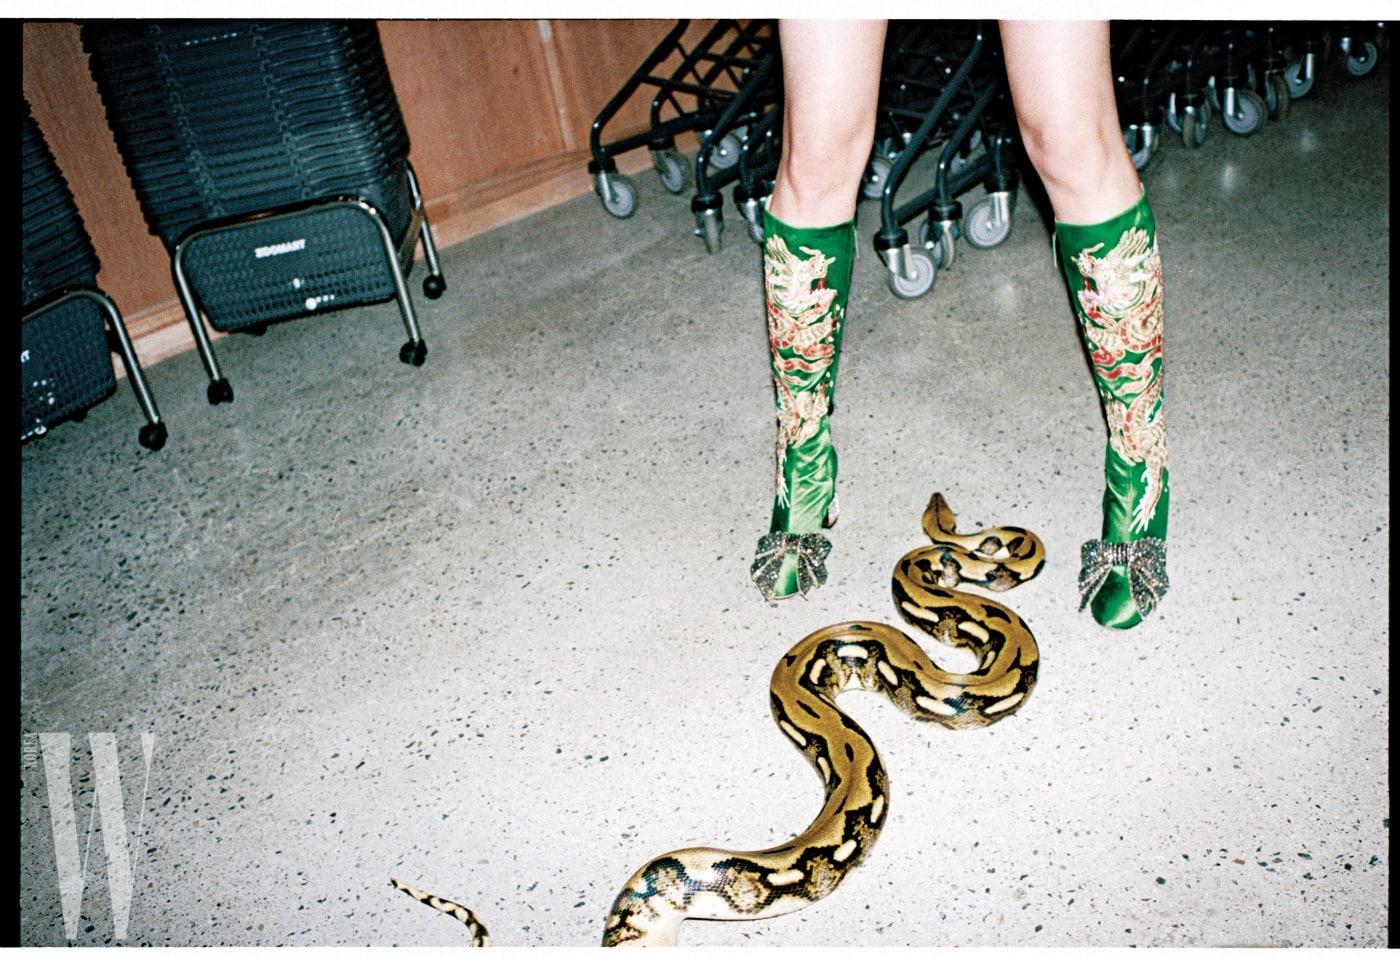 용무늬 자수와 발등의 리본 장식 스톤이 특징인 초록색 부츠는 구찌 제품. 4백15만원.